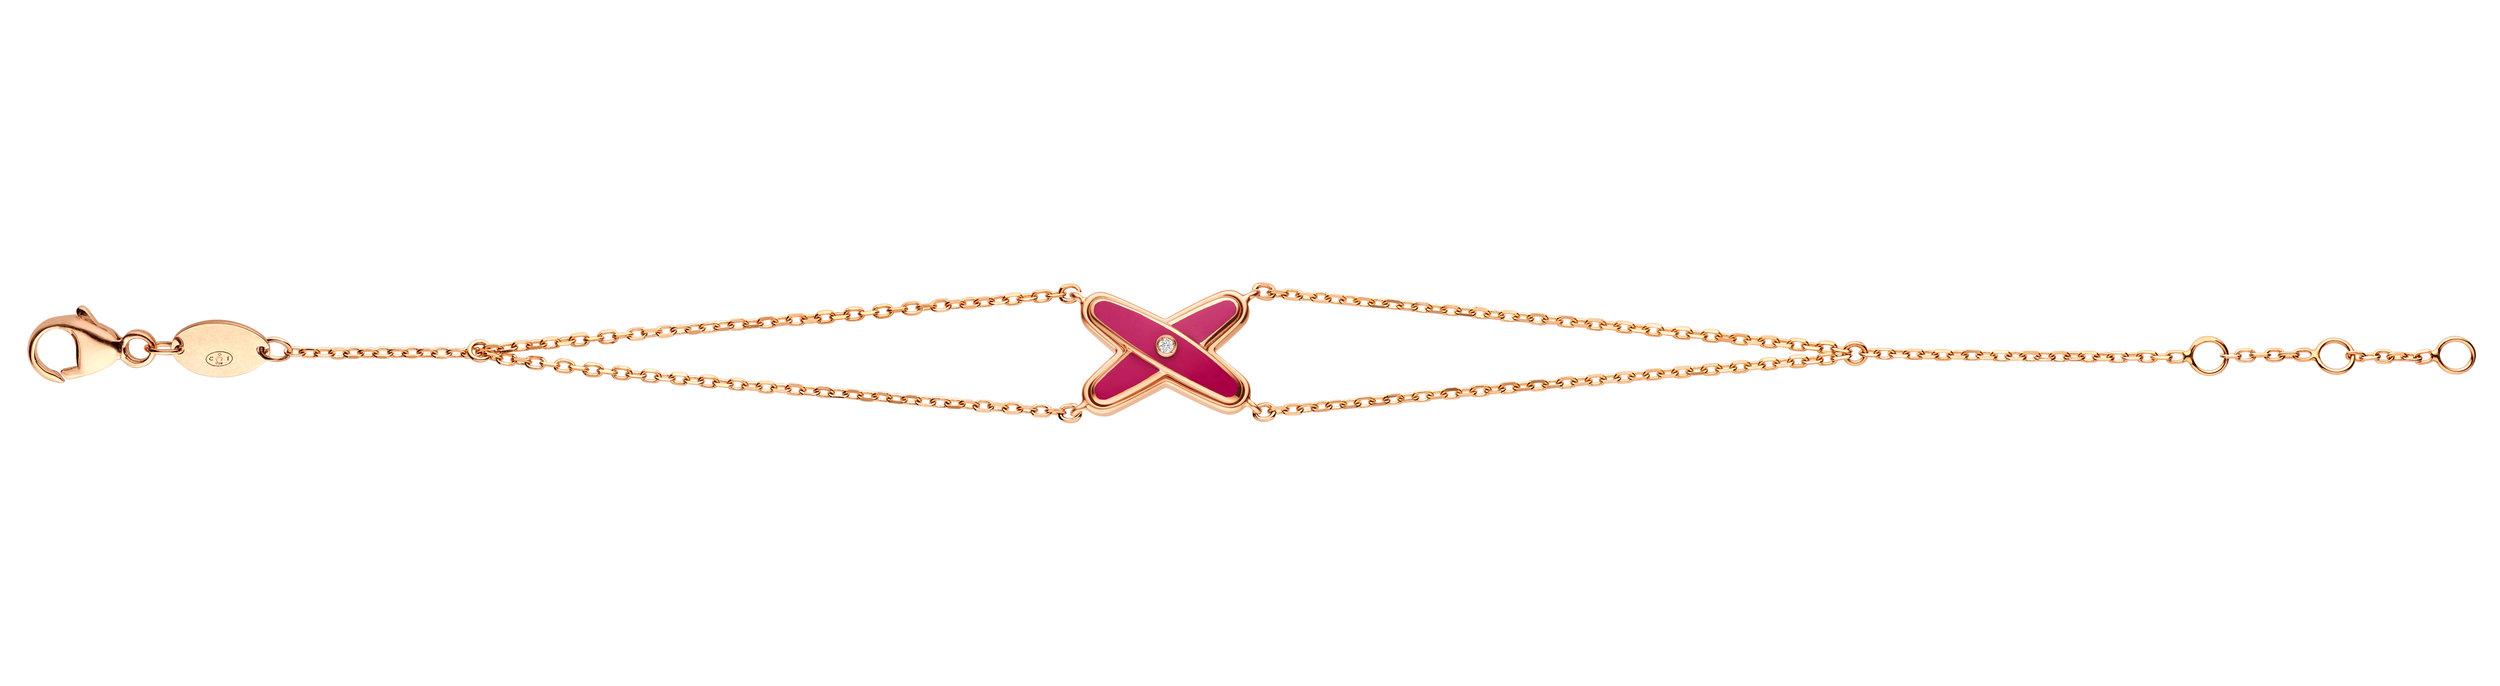 083379 Jeux de Liens Bracelet PG Tyrian Pink Lacquer cmjn.jpg